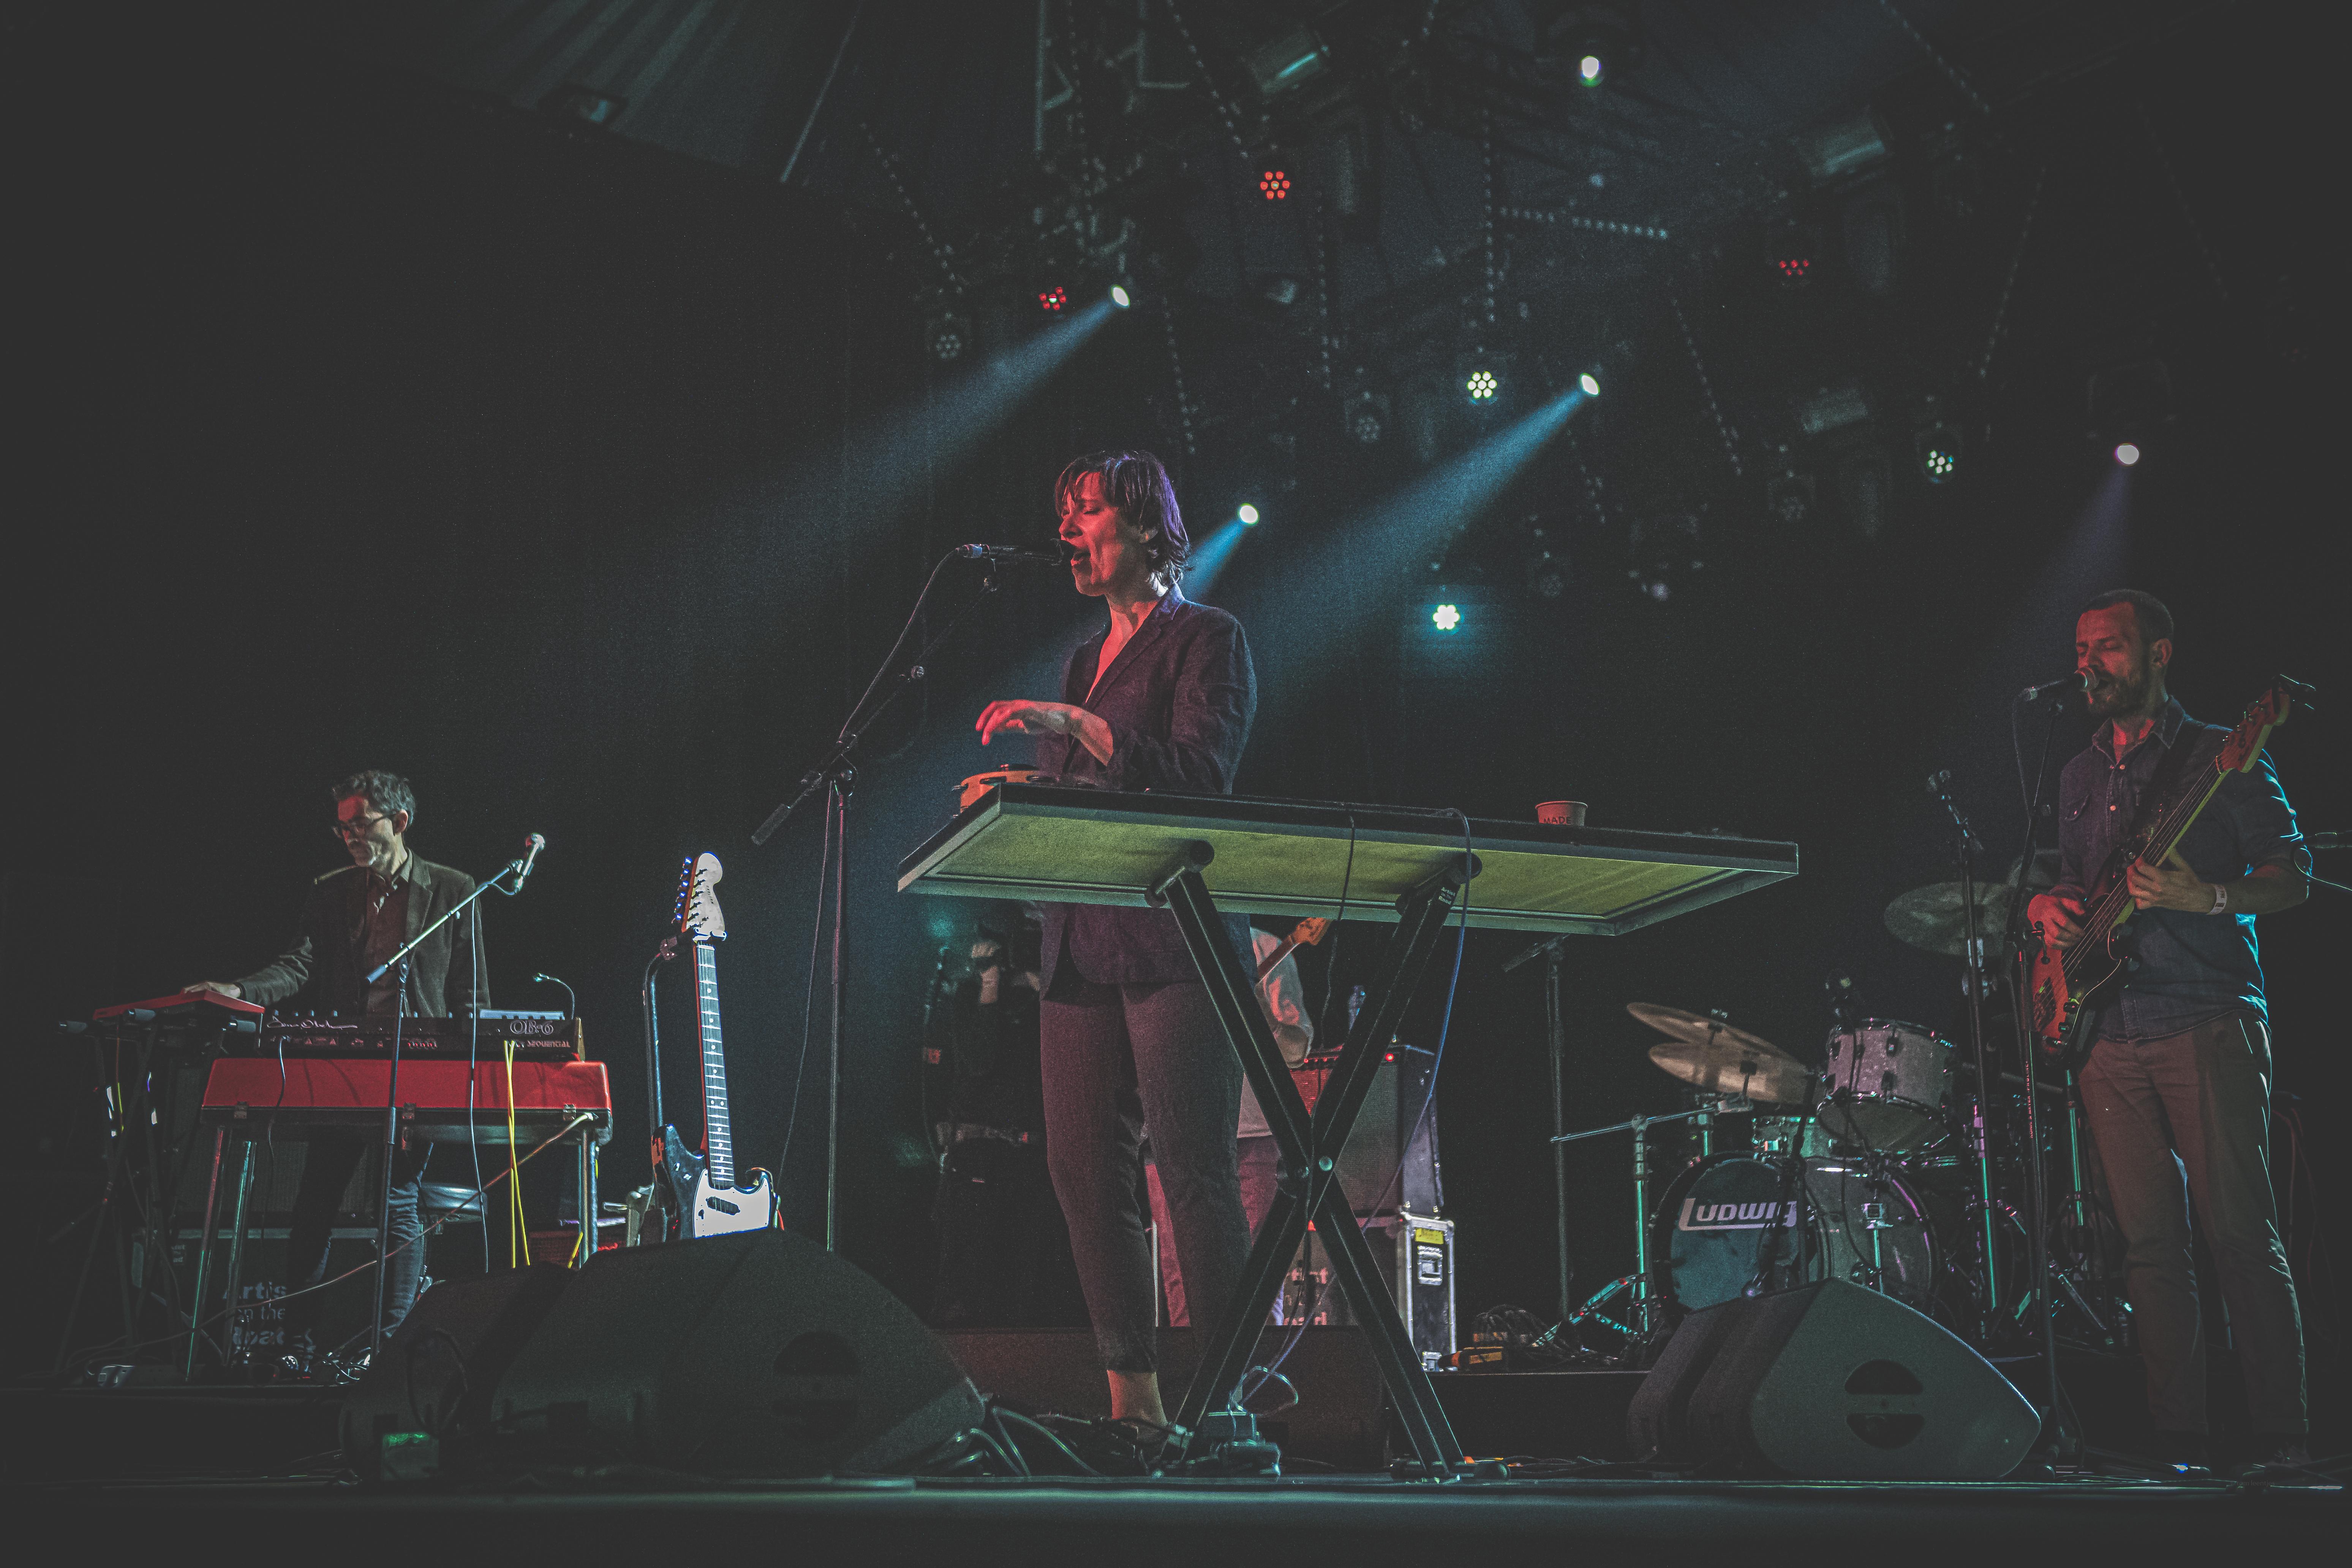 20190531_Stereolab_Best_Kept_Secret_Hilvarenberg_Tom_Leentjes-7